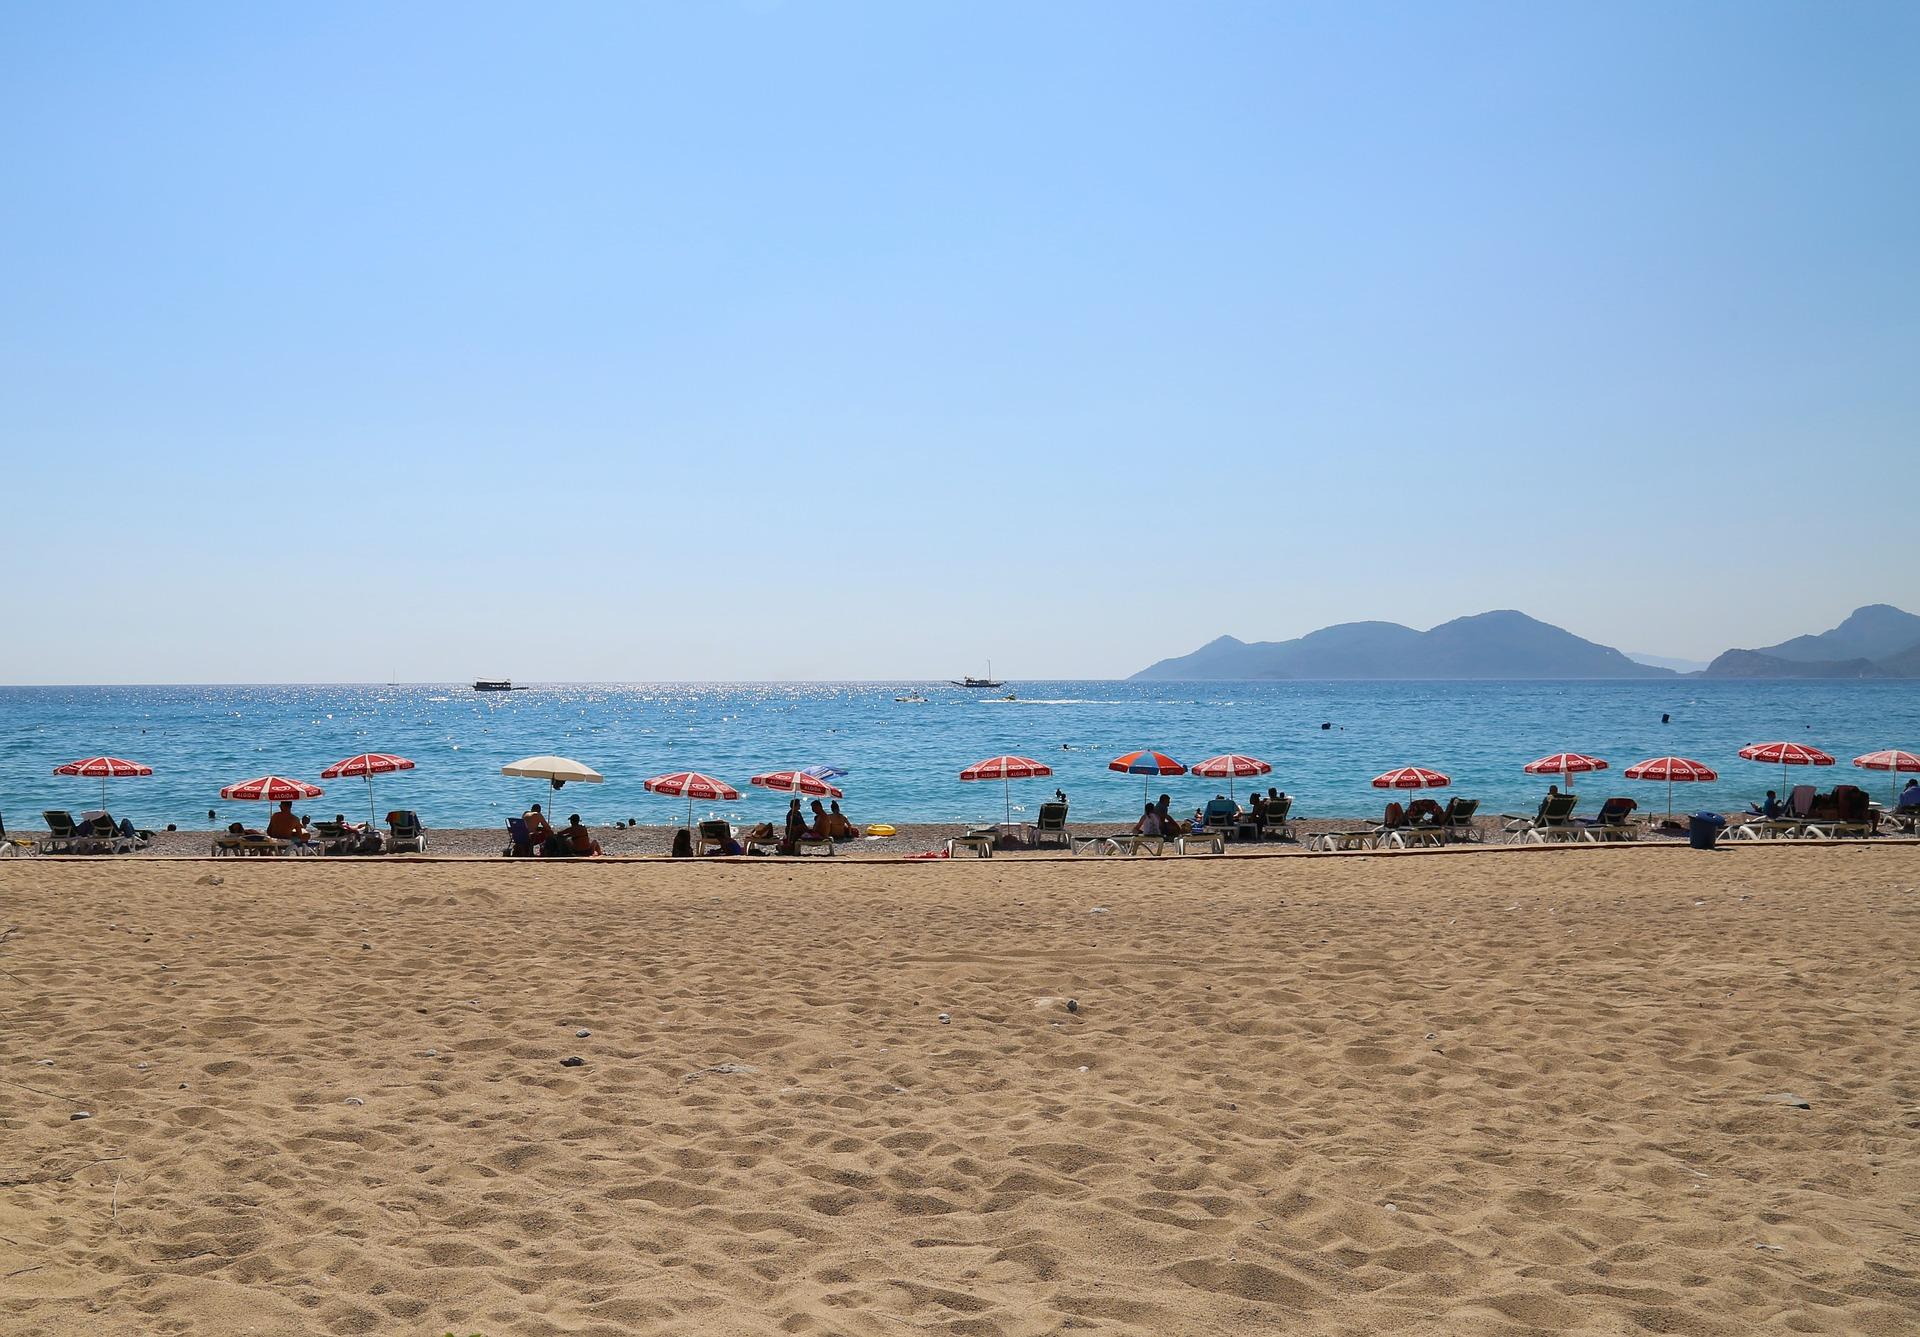 Freizeit Park in der Türkei + Badeurlaub All Inclusive 7 Nächte ab 275,00€